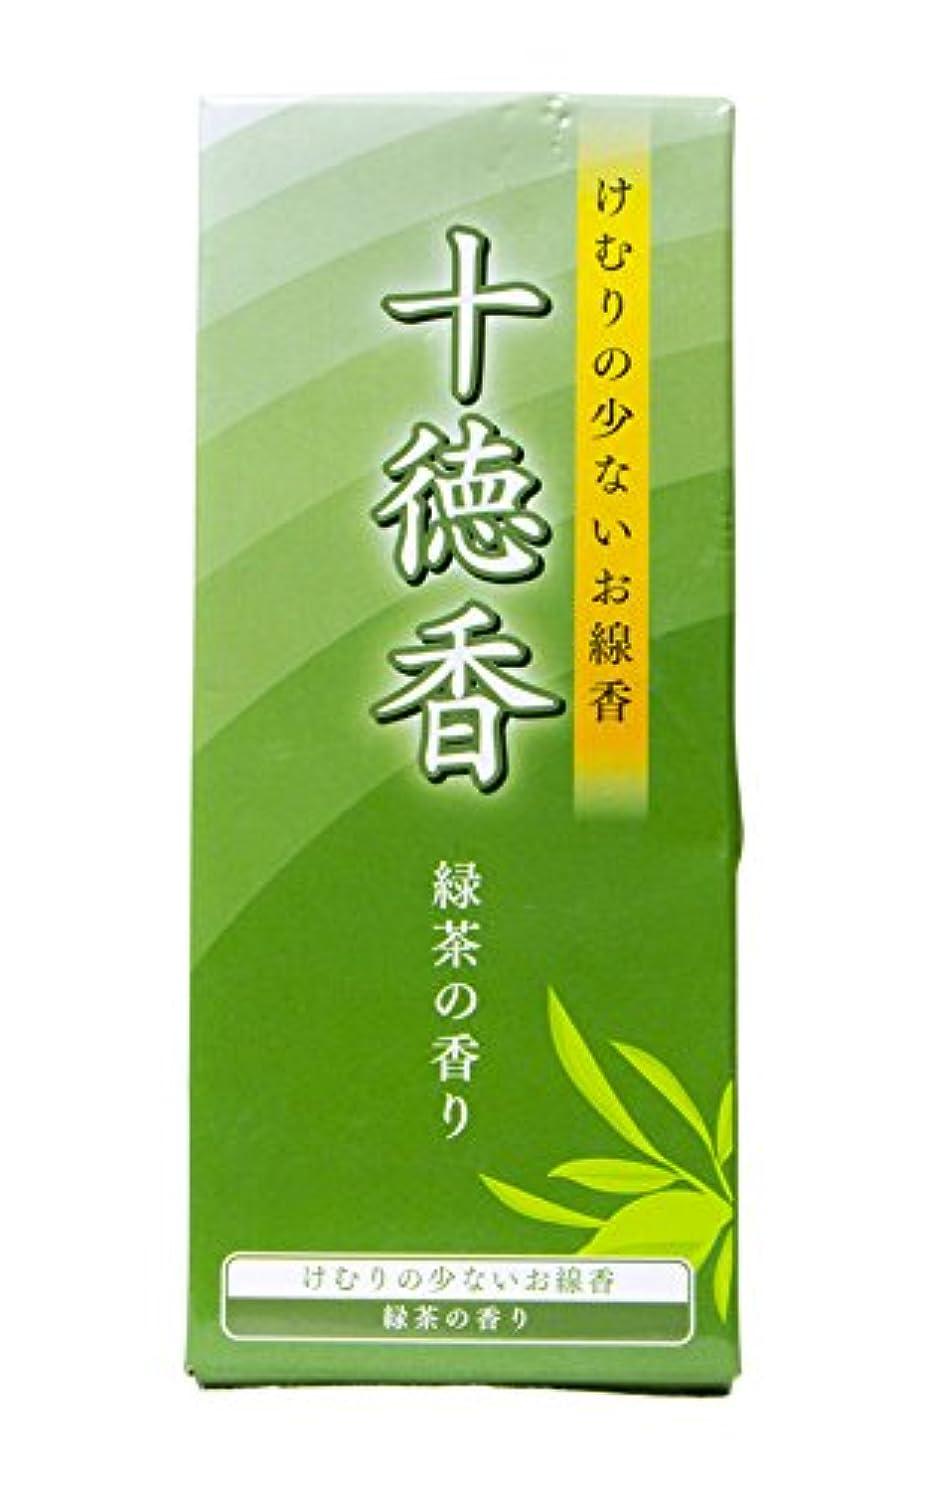 上級卑しいモナリザJapanese Green Teaお香200 Sticks